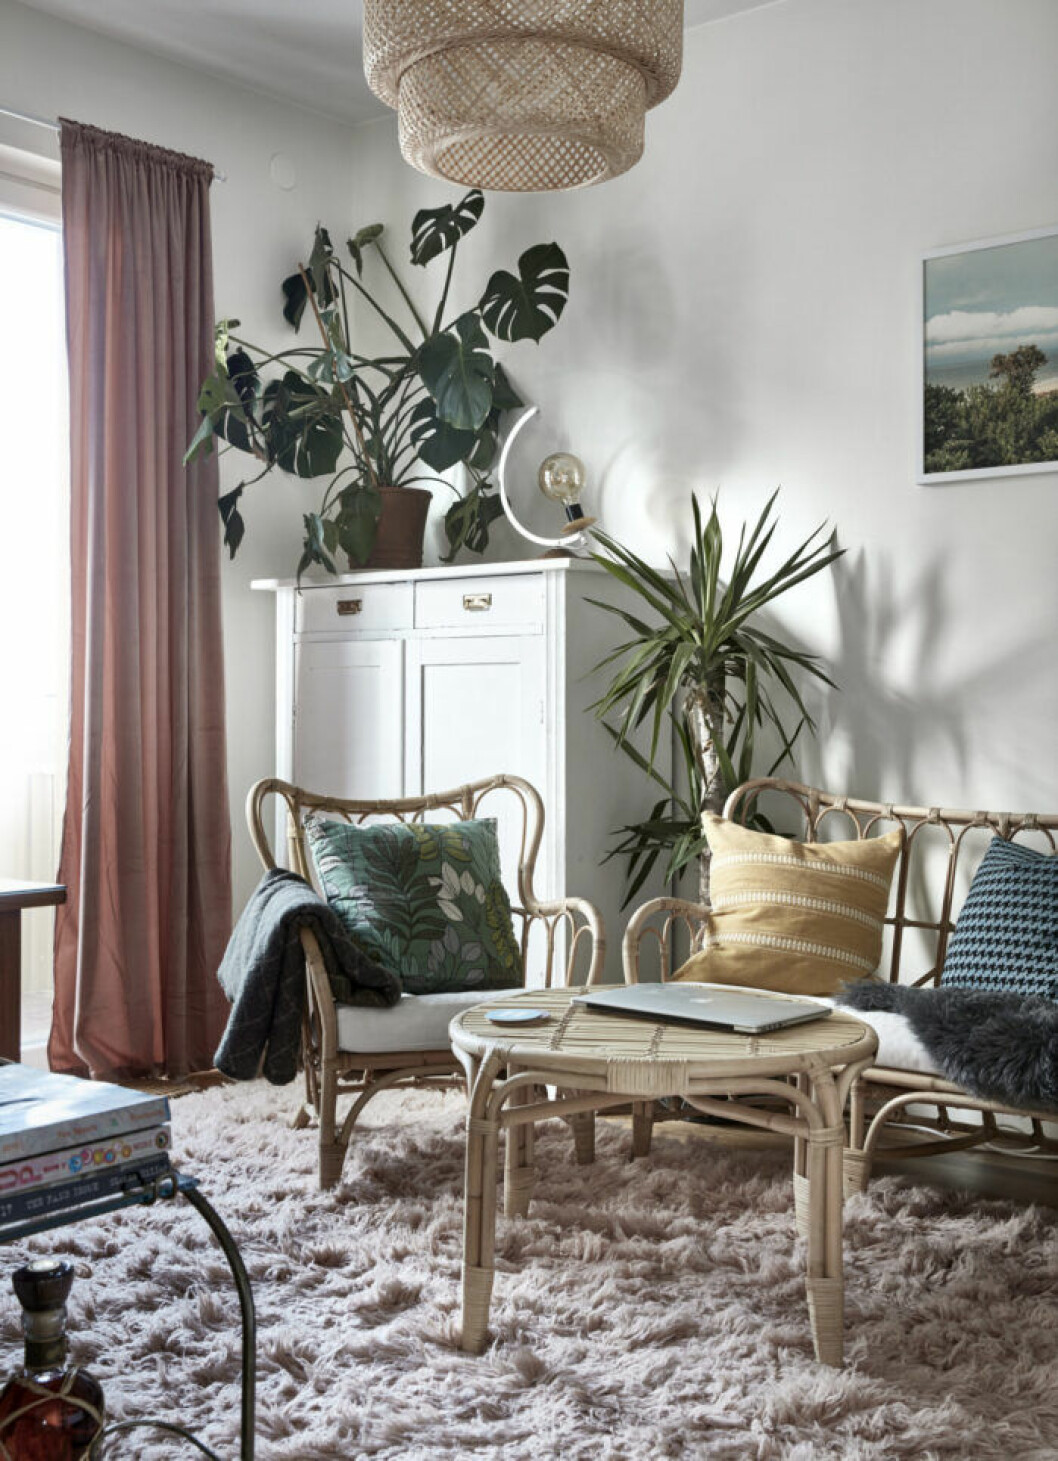 Växter och rotting möter varandra i vardagsrummet